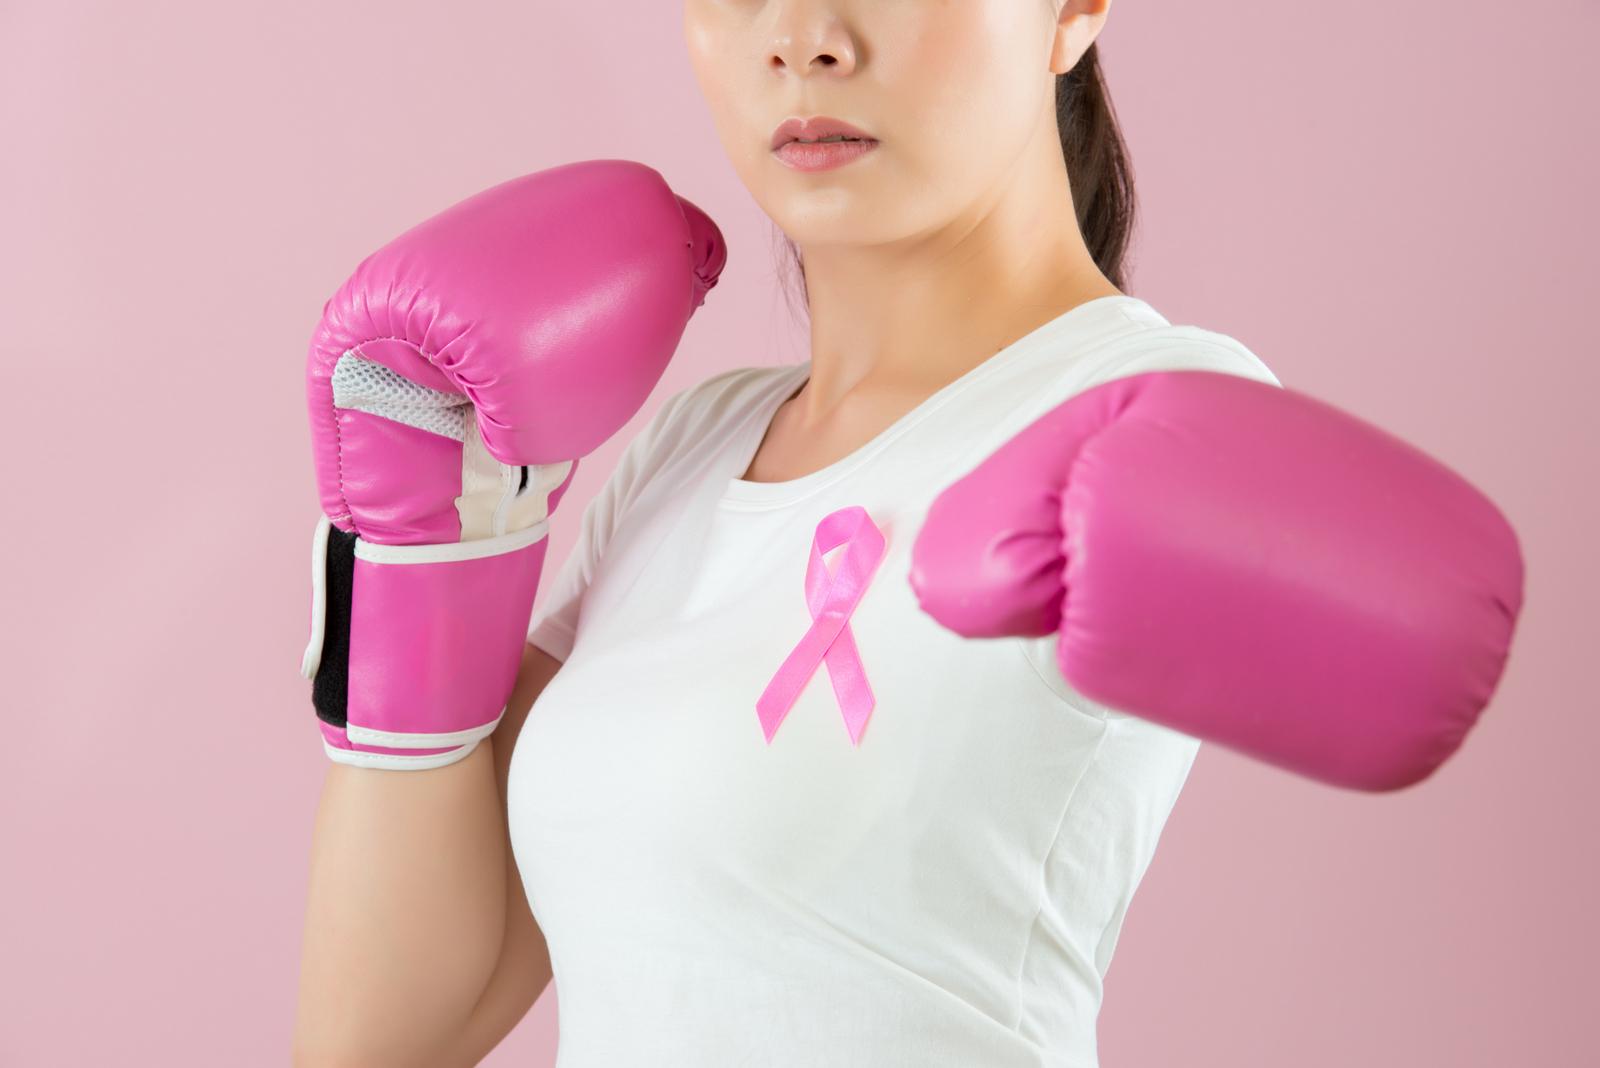 Kanker Payudara Dapat Disembuhkan | Kabari News